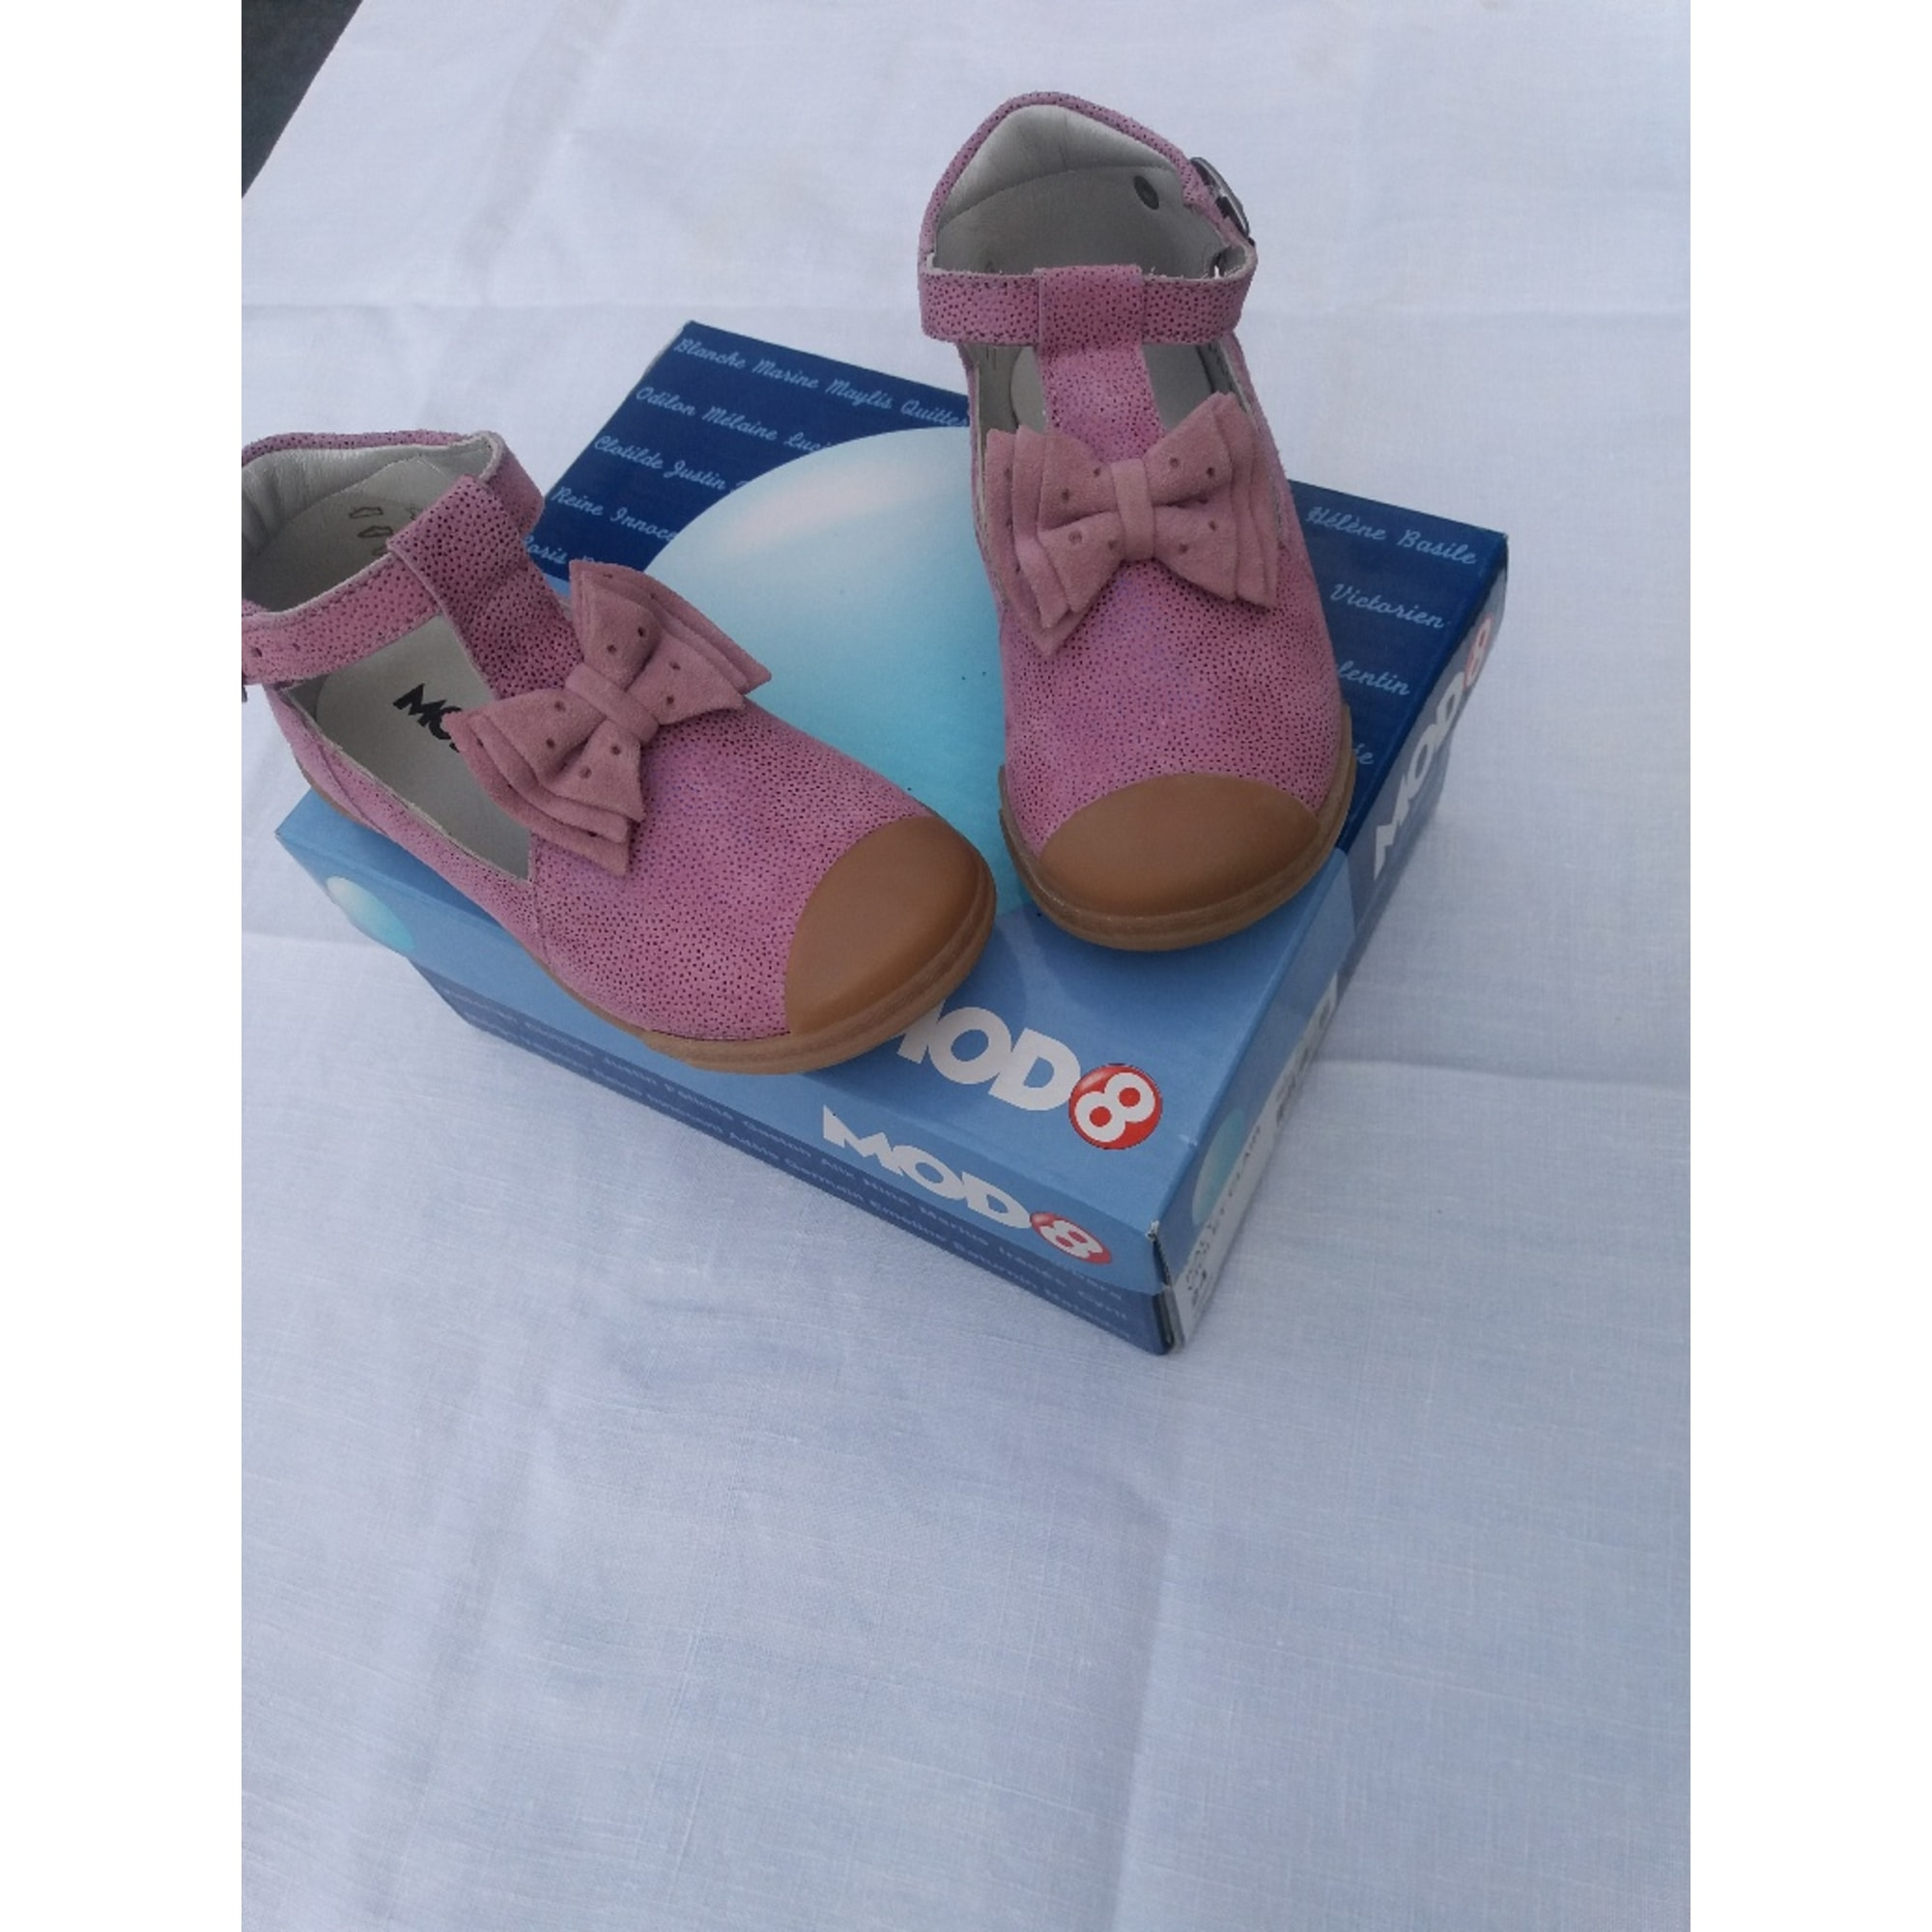 Chaussures à boucle MOD'S 8 Rose, fuschia, vieux rose